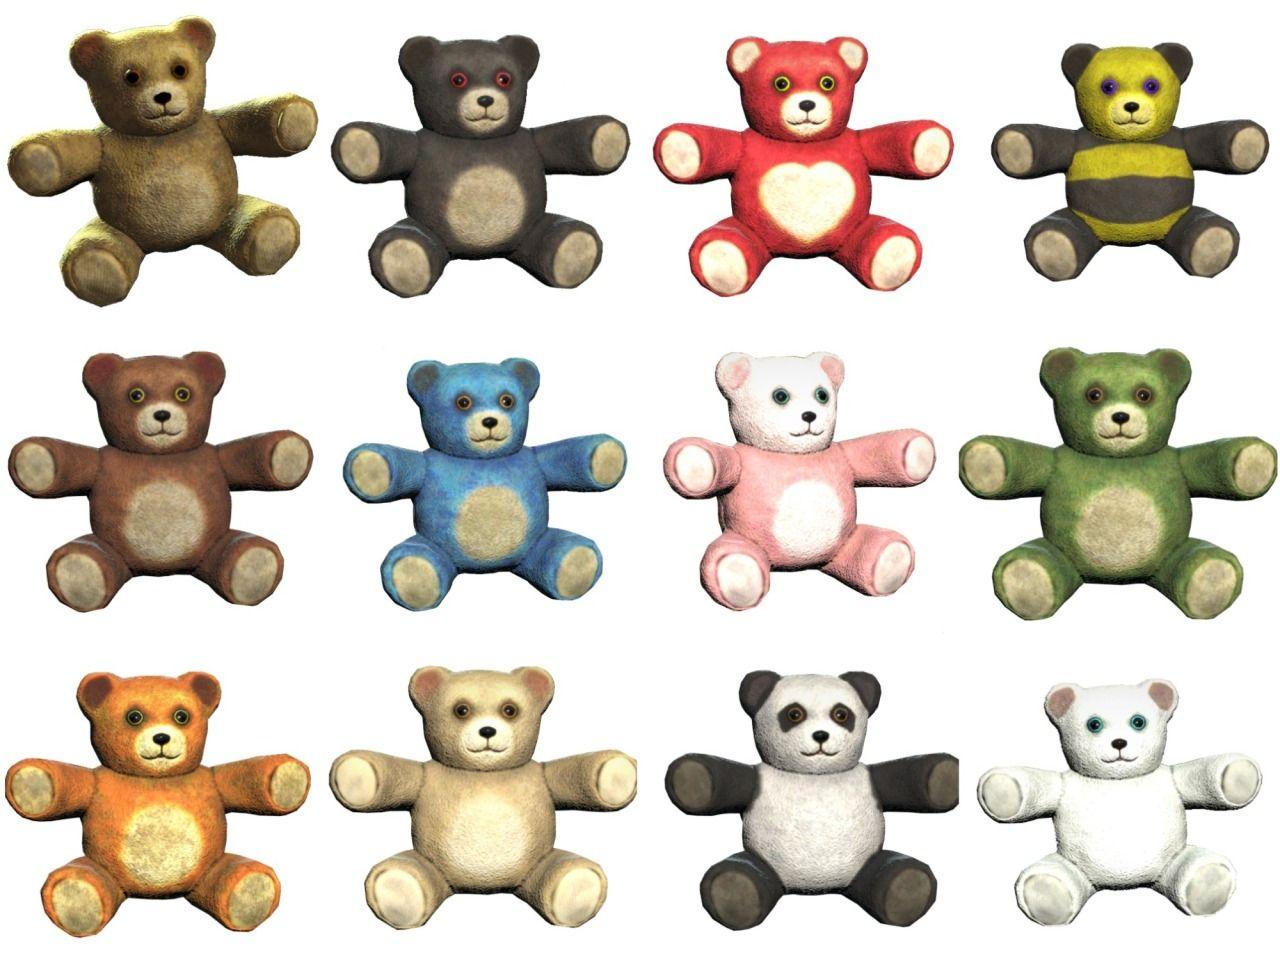 2019 的 Here are the variants of teddy bears in Fallout 76